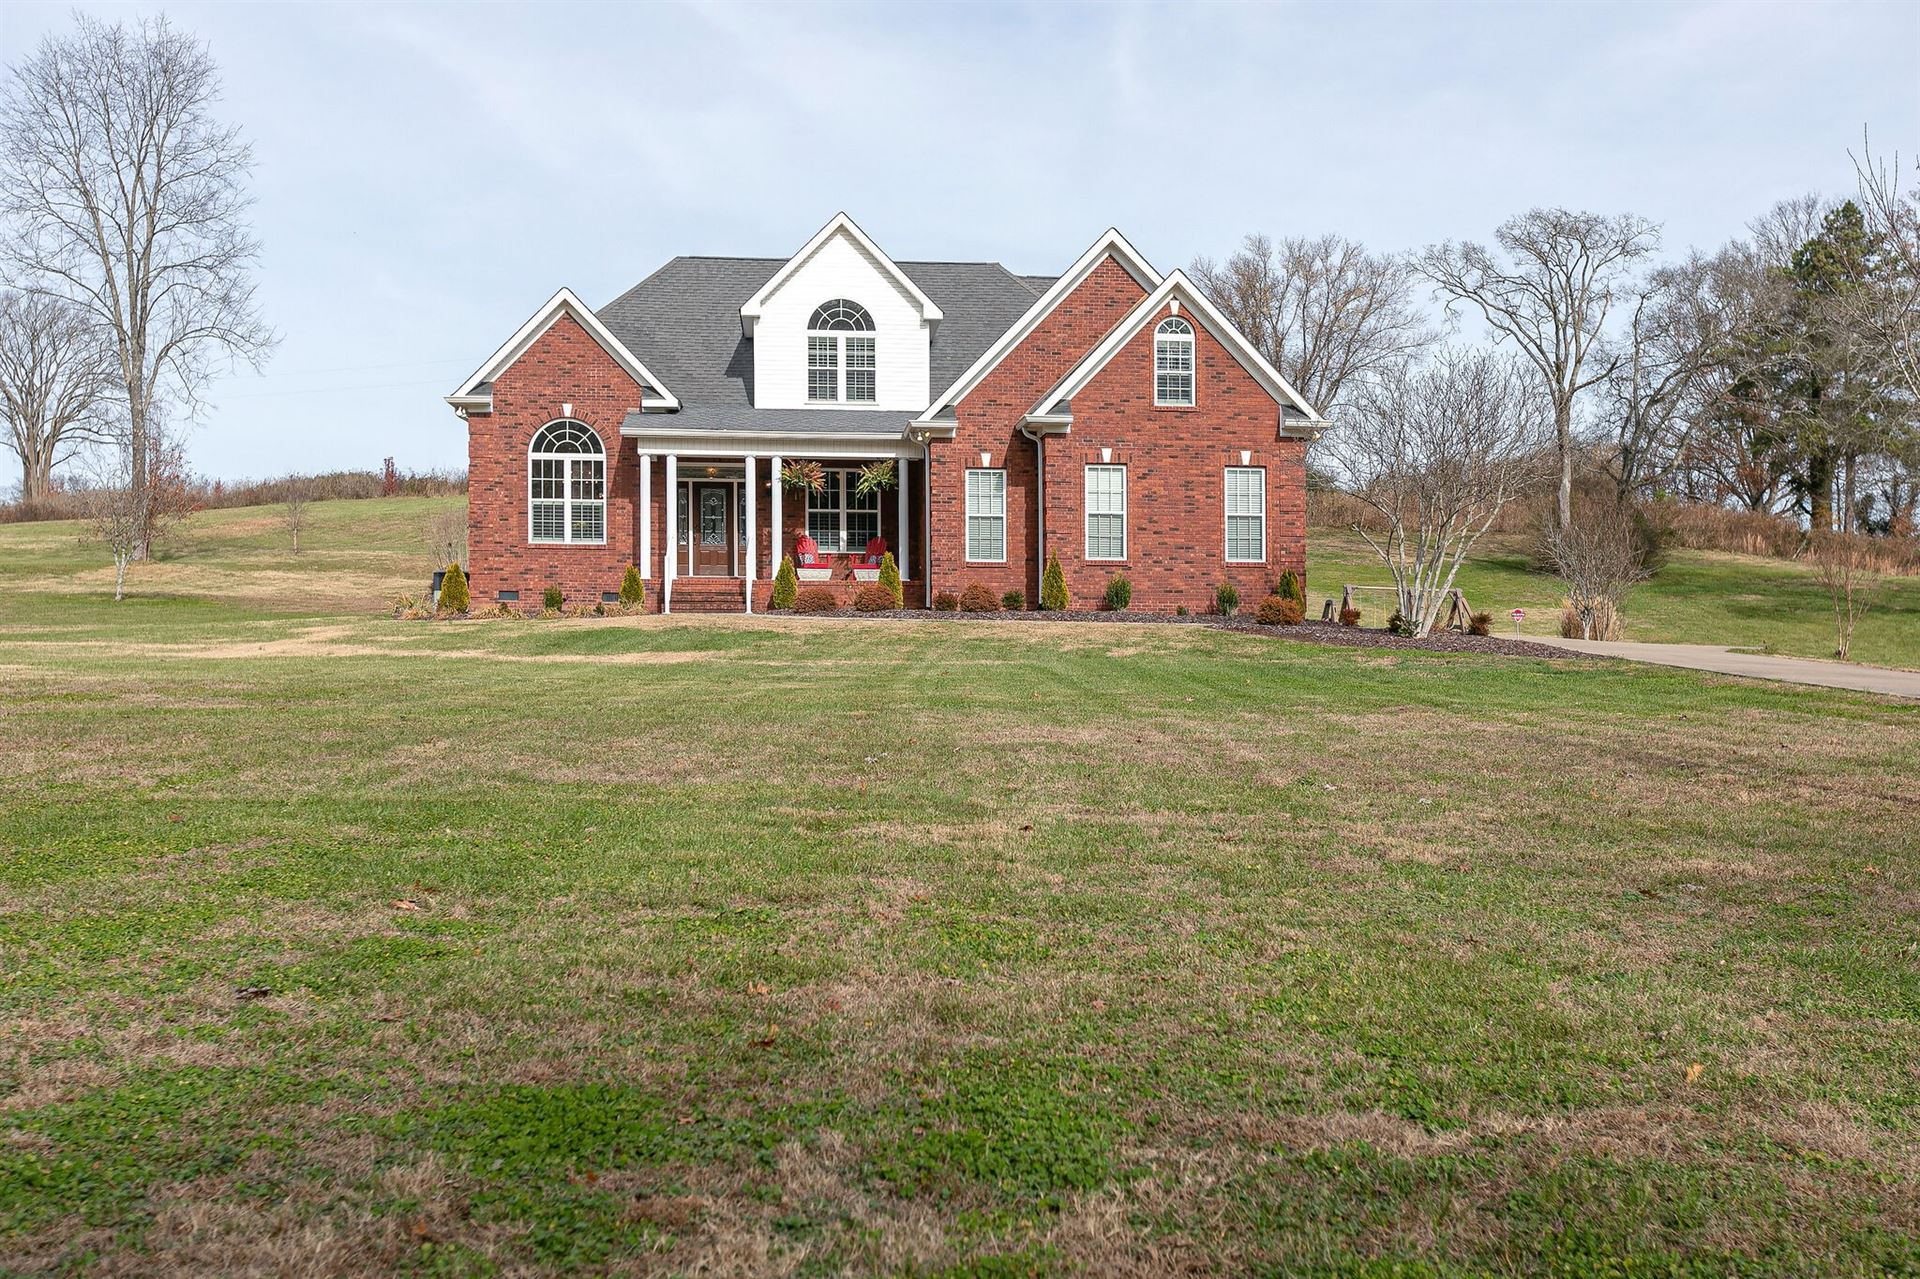 2409 Darks Mill Rd, Columbia, TN 38401 - MLS#: 2210246